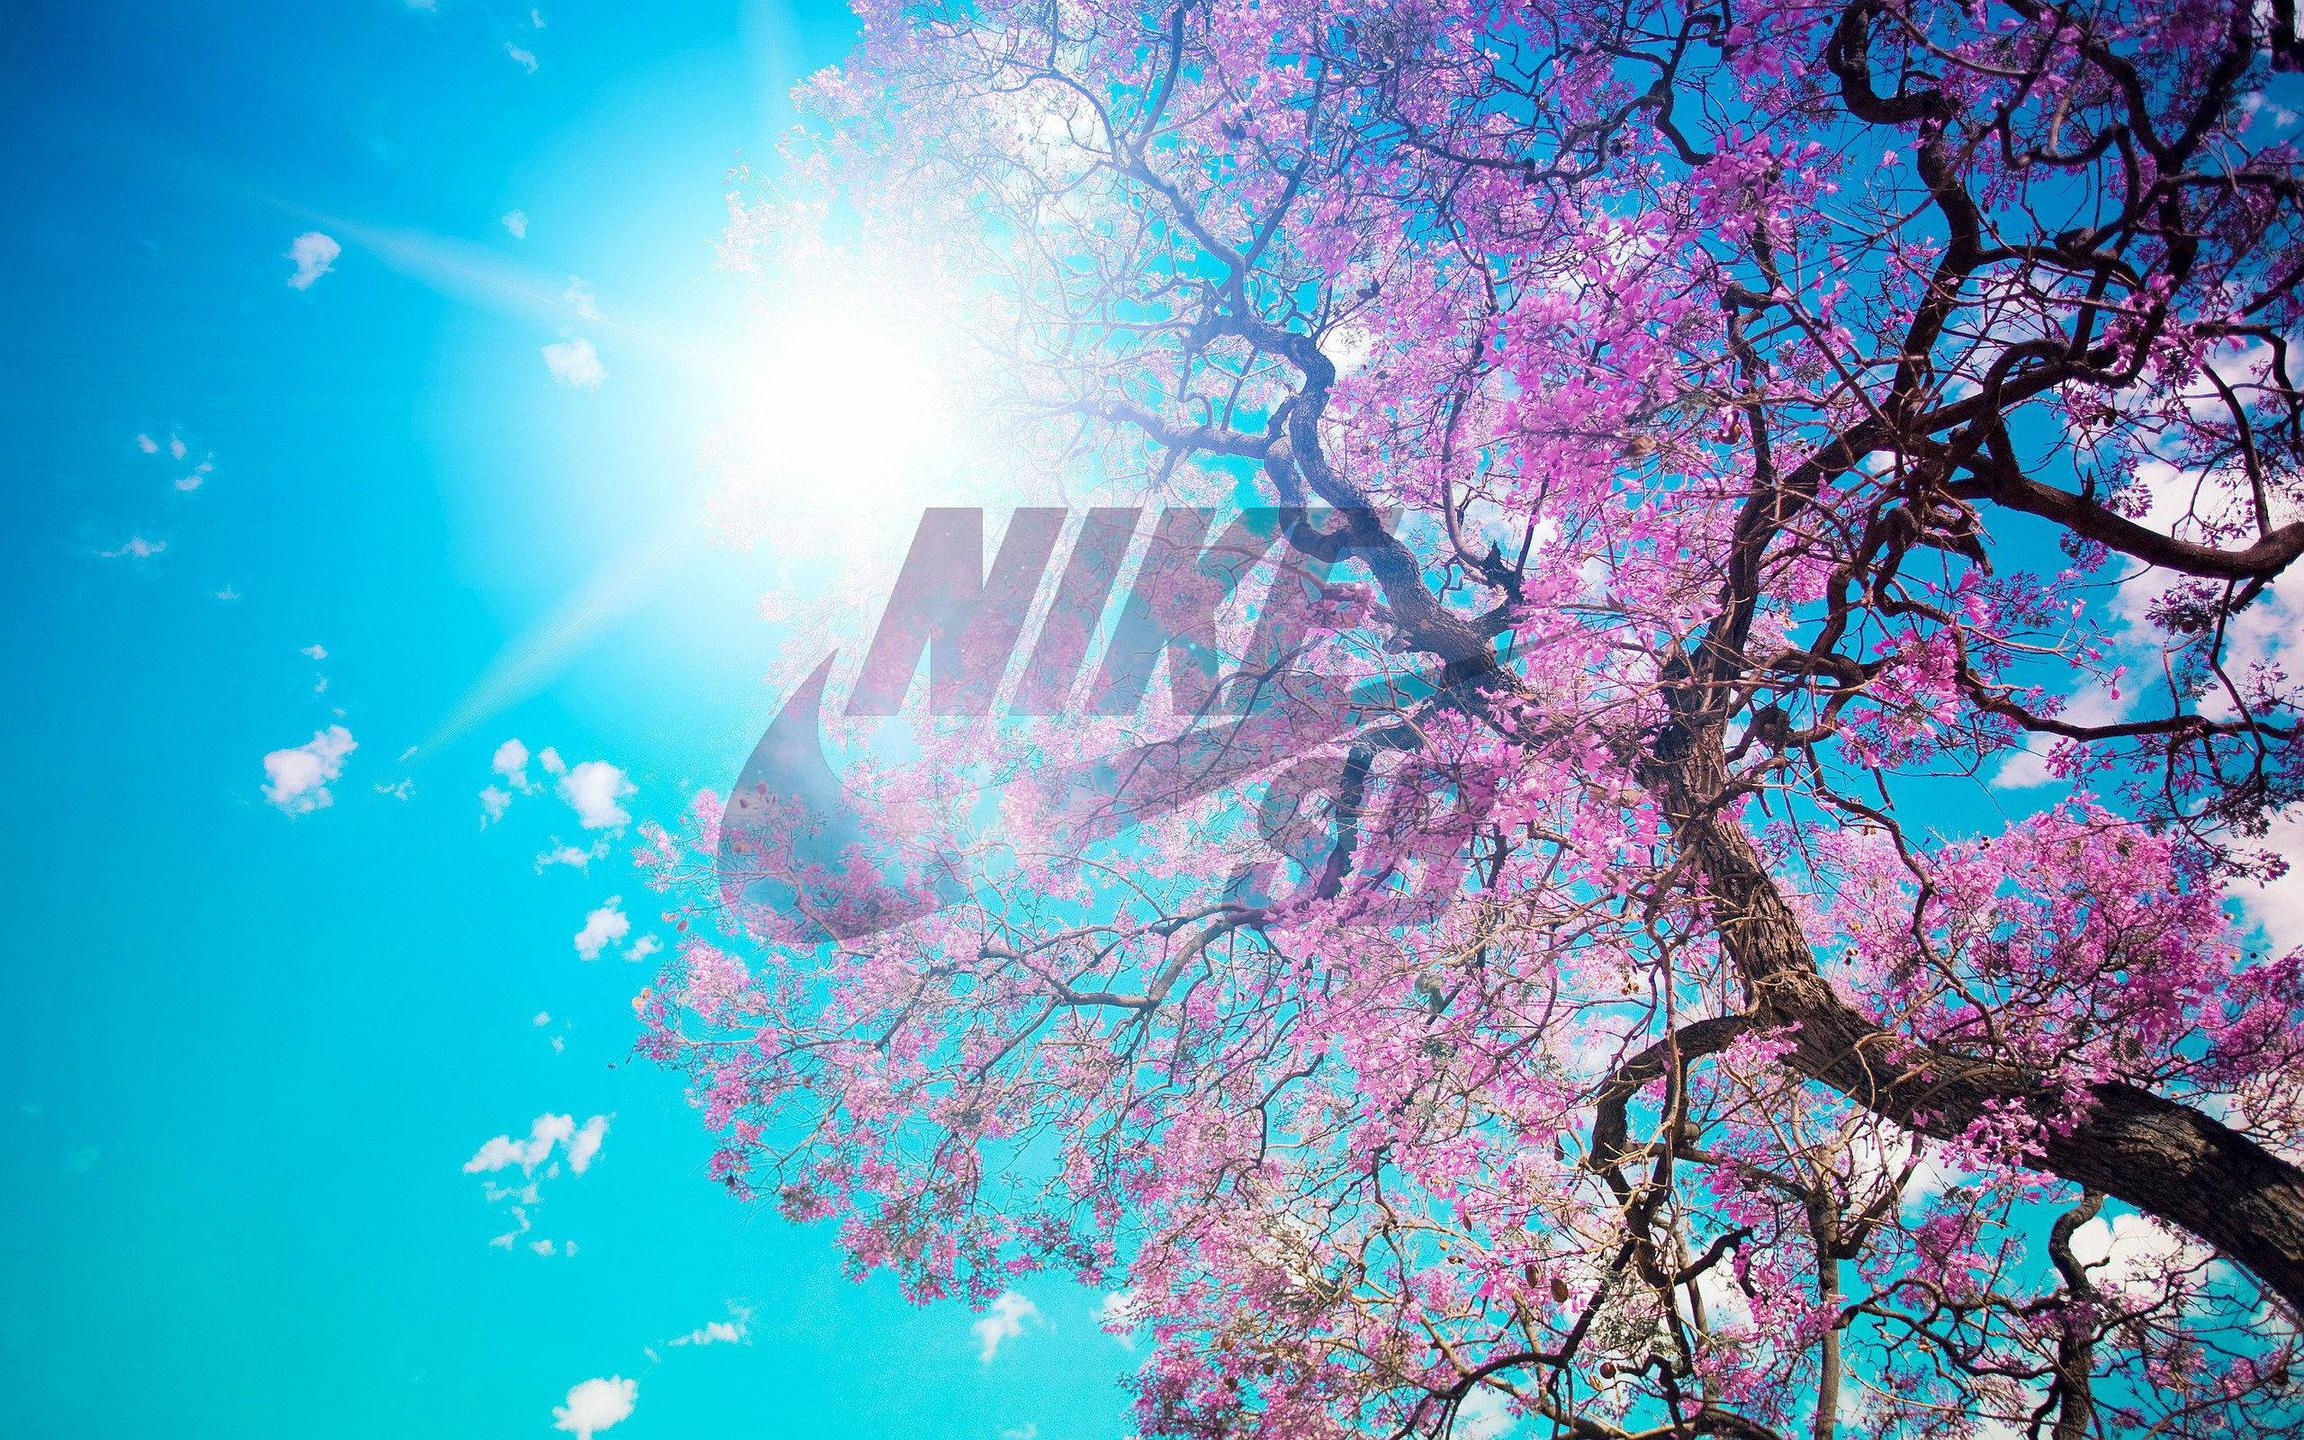 Travel Agency Wallpaper Hd Nike Sb Logo Hd Wallpapers Pixelstalk Net